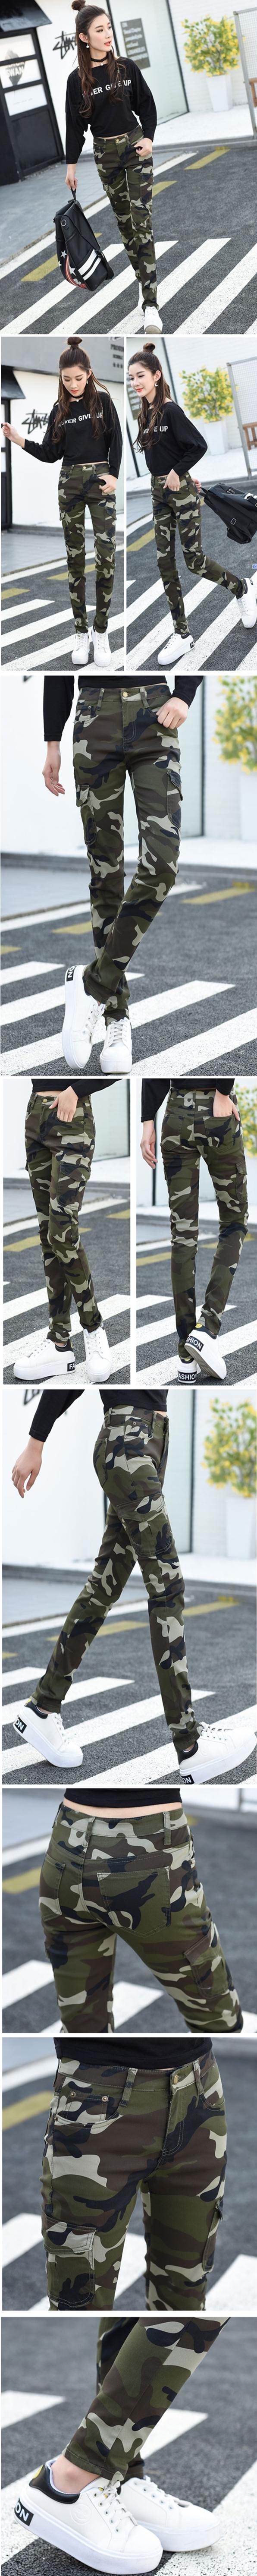 กางเกงลายพรางขายาว กางเกงบุขน